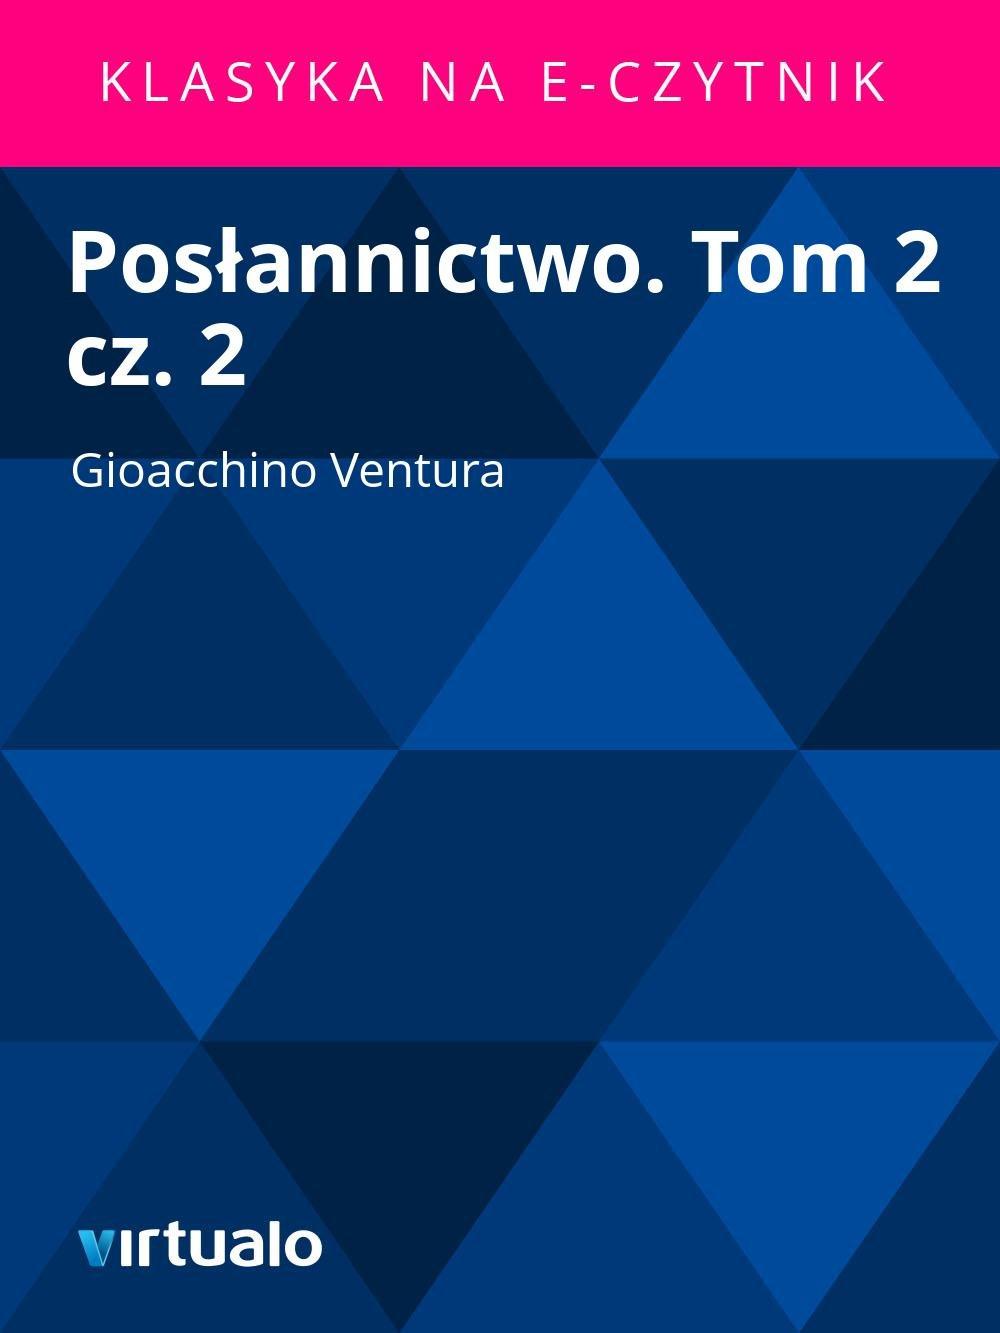 Posłannictwo. Tom 2 cz. 2 - Ebook (Książka EPUB) do pobrania w formacie EPUB